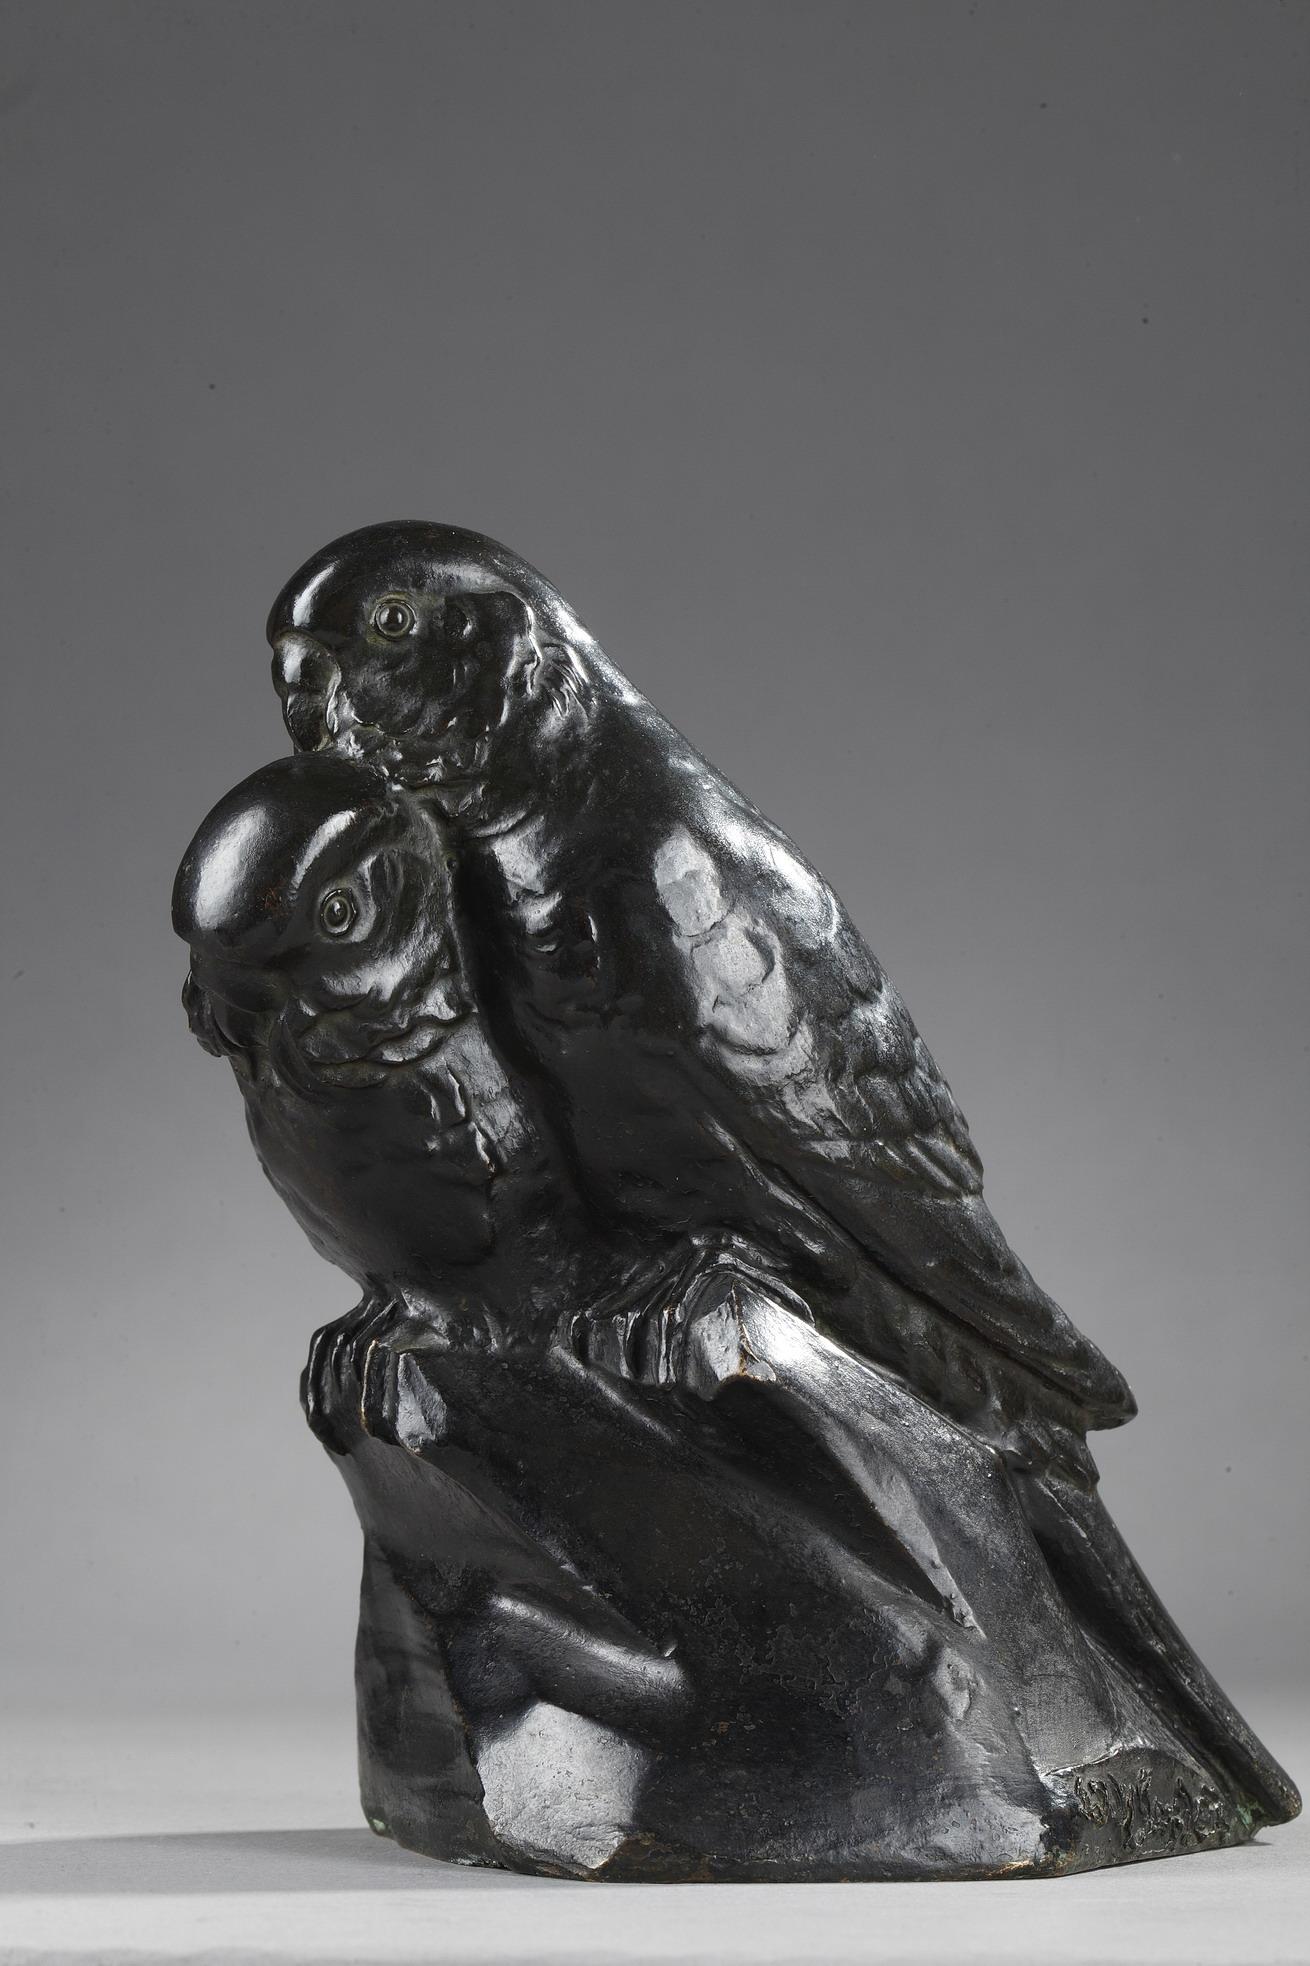 """Edouard-Marcel Sandoz (1881-1971), """"Deux Perruches"""", bronze à patine brun foncé nuancé, fonte Valsuani, Haut. 15 cm, sculptures - galerie Tourbillon, Paris"""